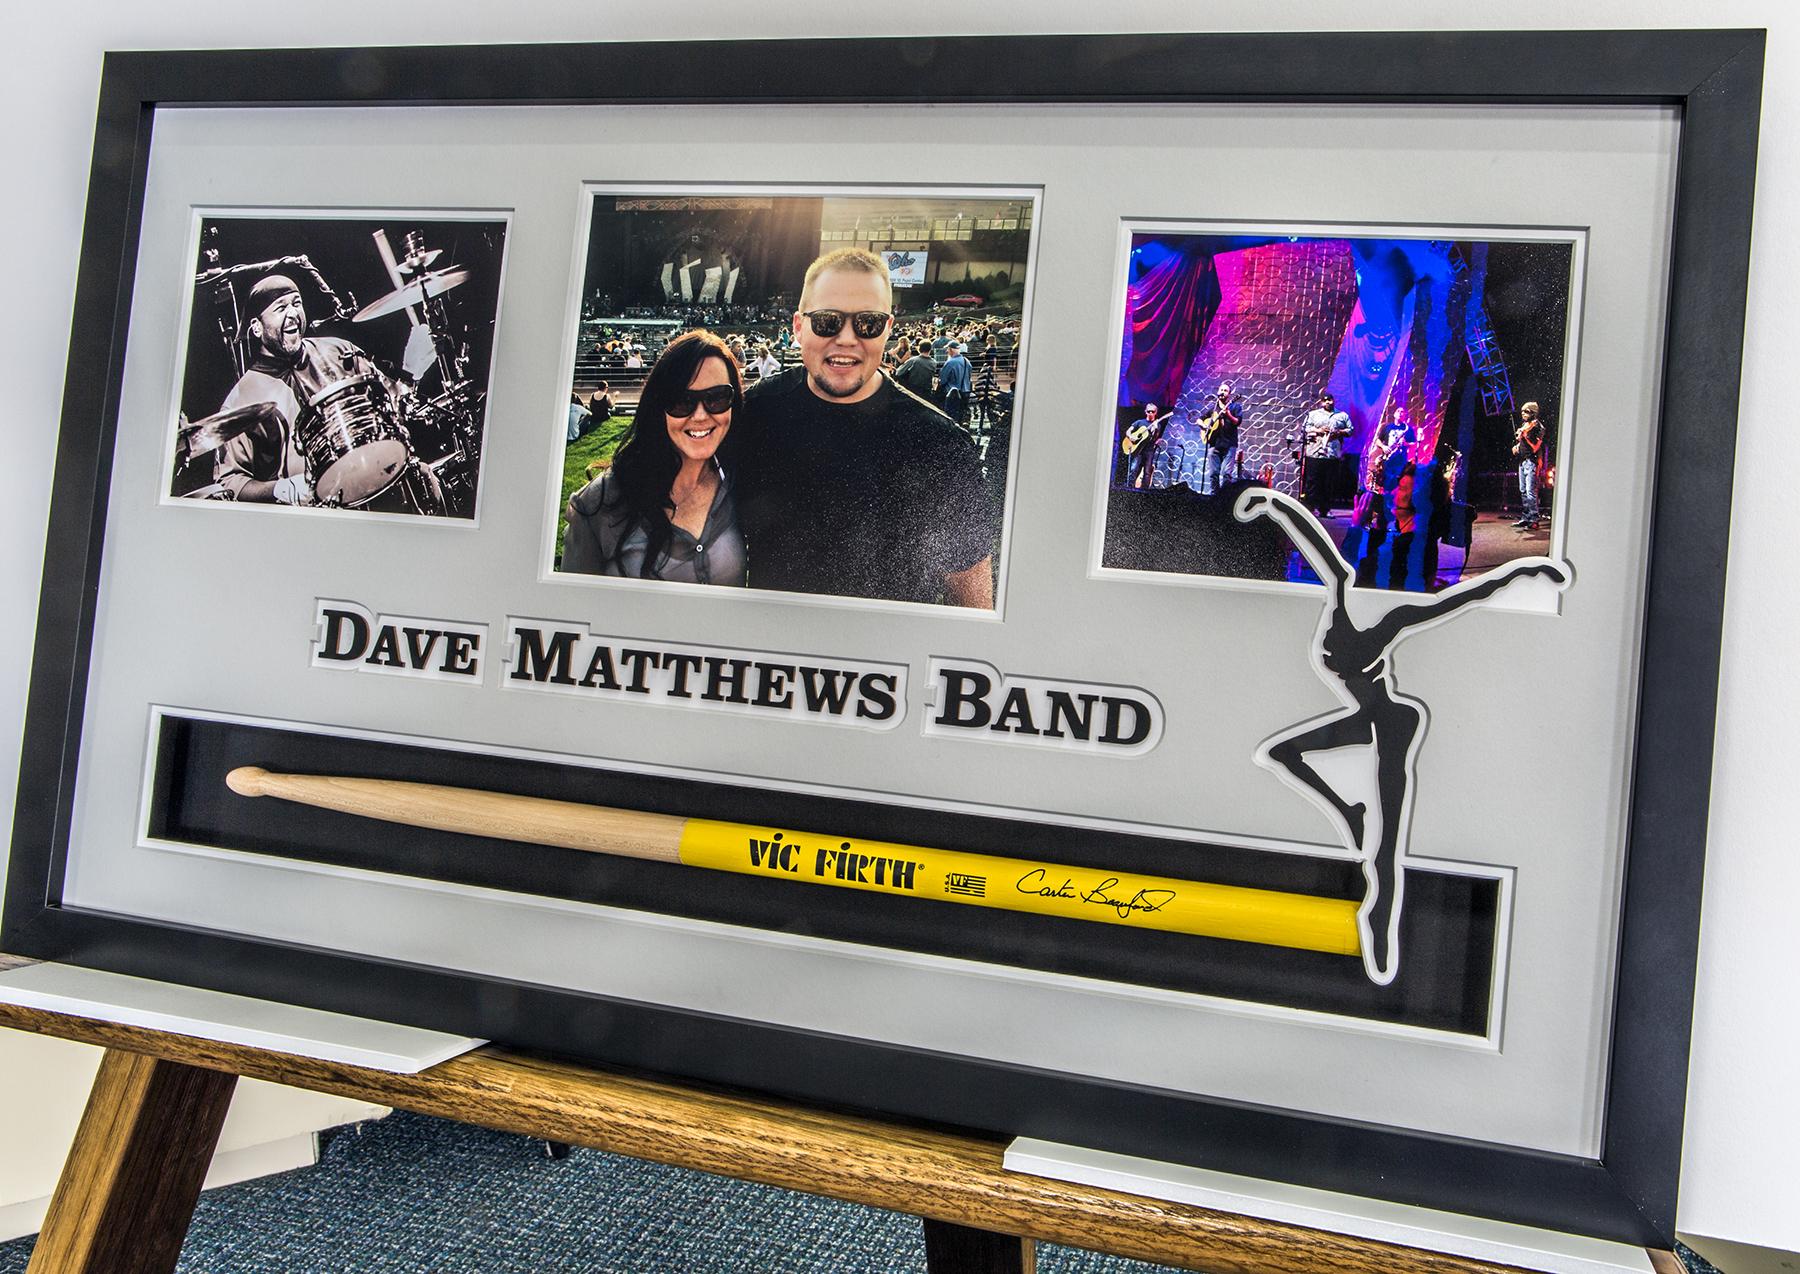 Dave Matthews-rt angle.jpg